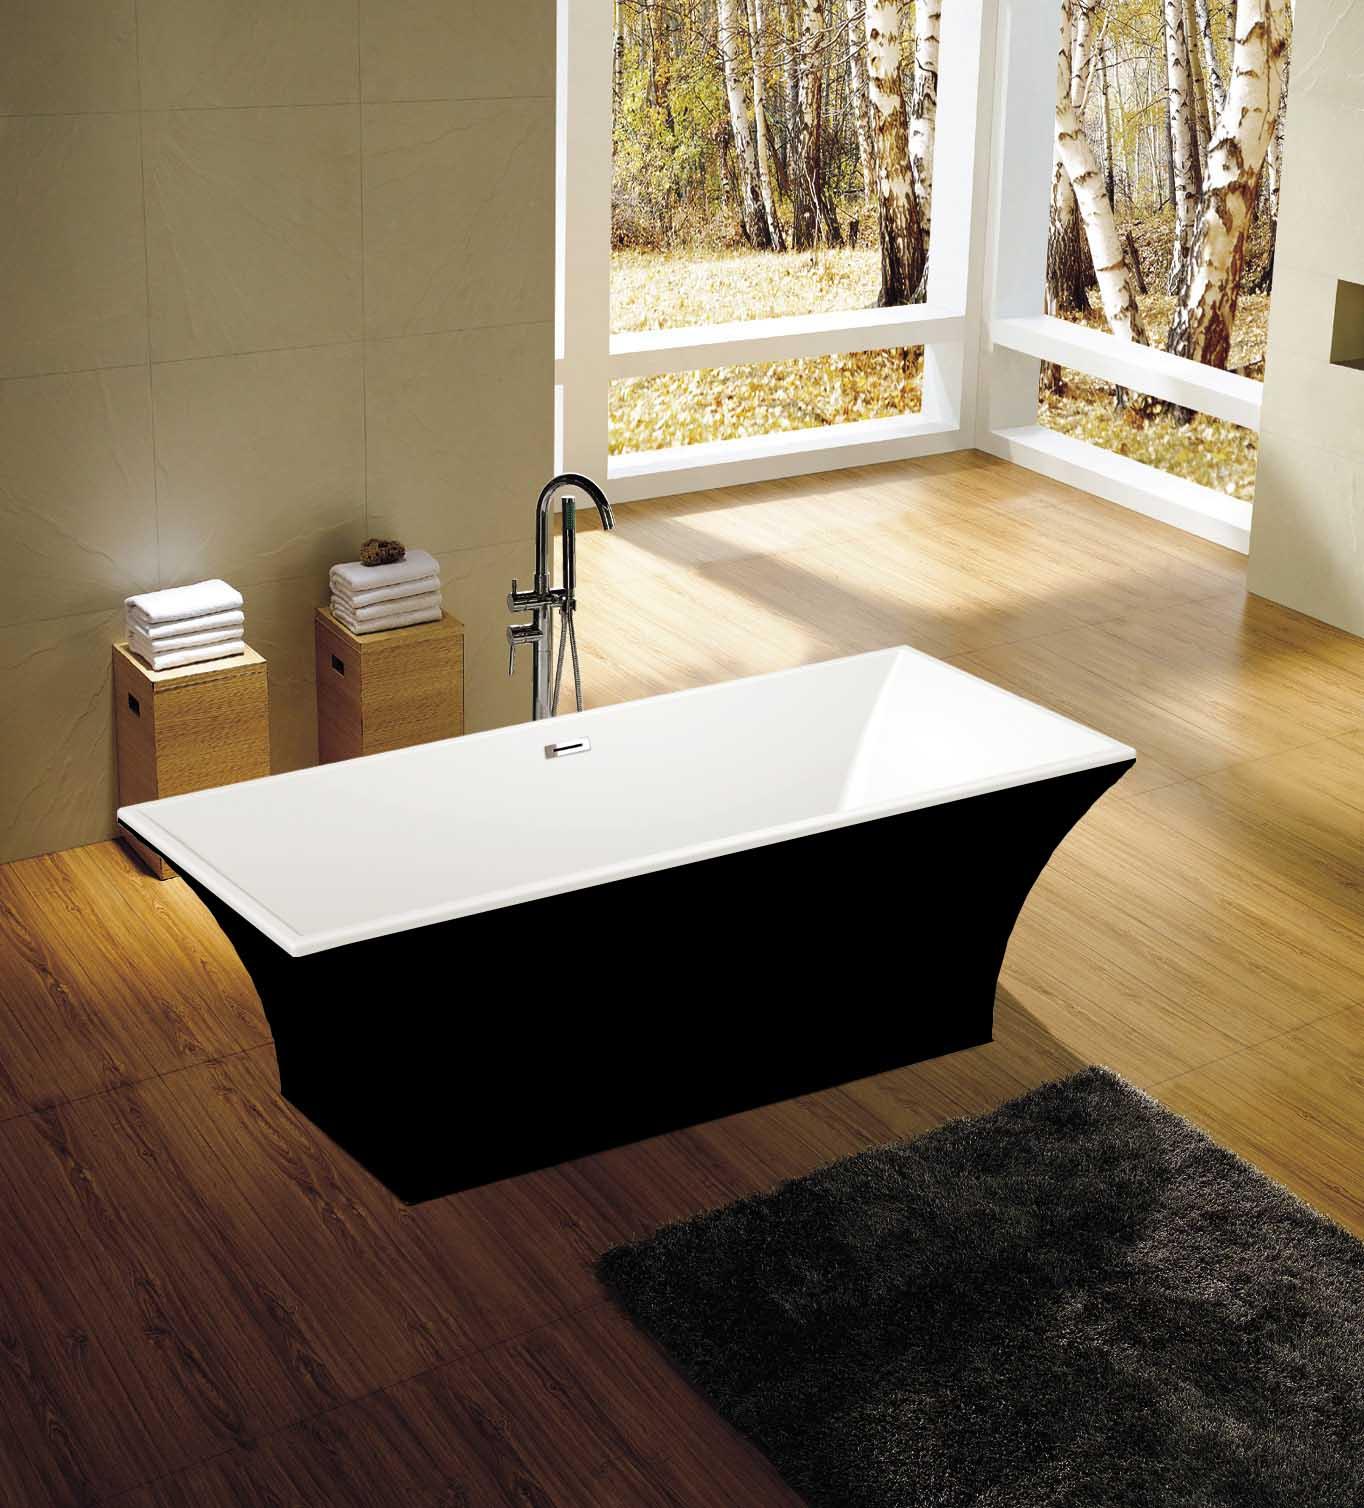 bathtub offers